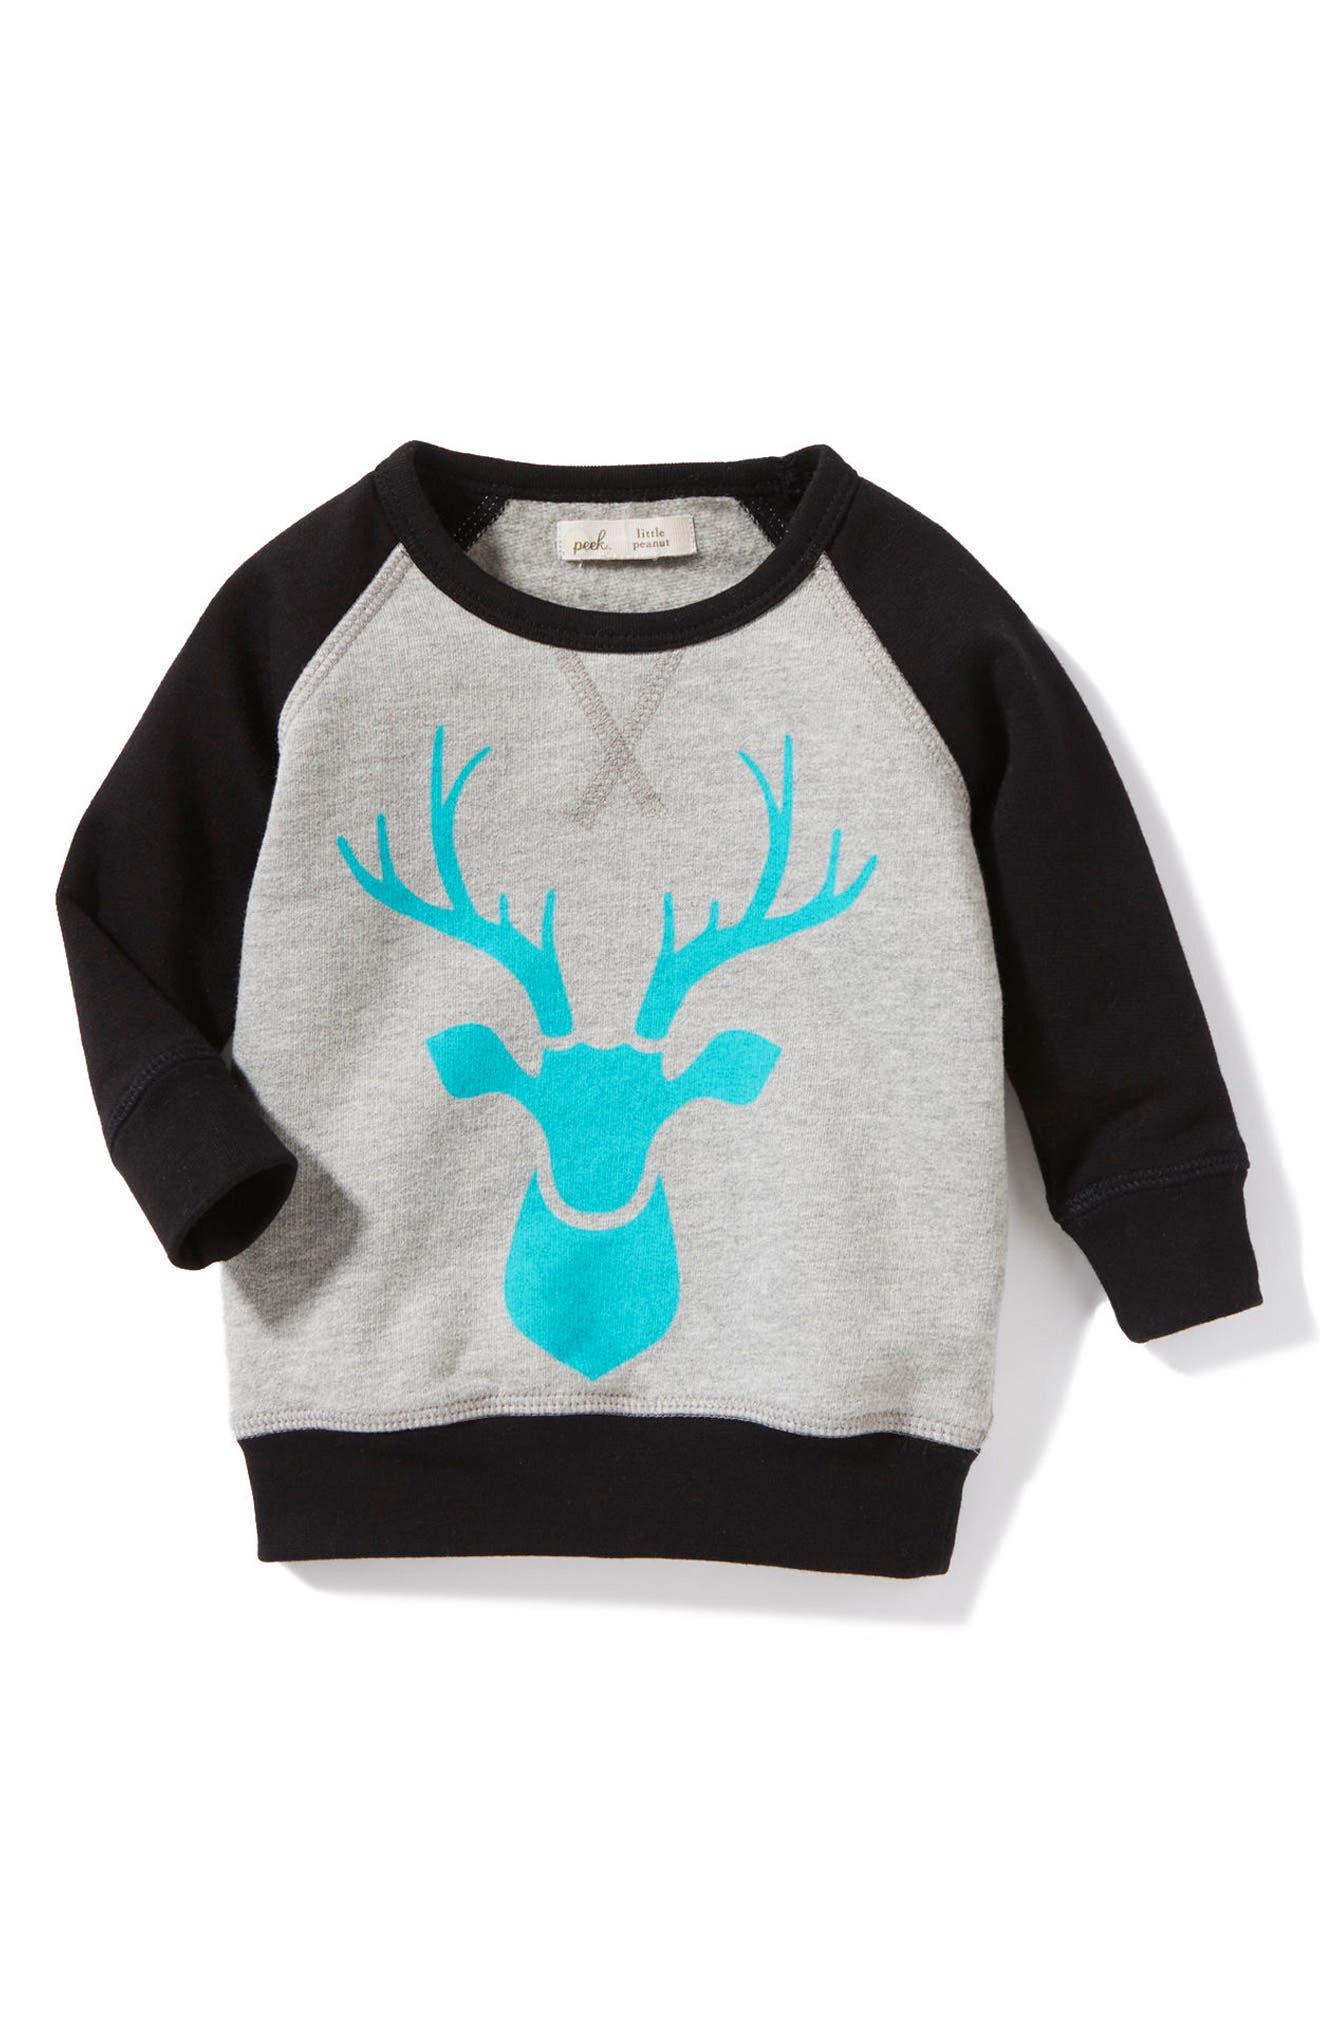 Alternate Image 1 Selected - Peek Reindeer Sweatshirt (Baby Boys)